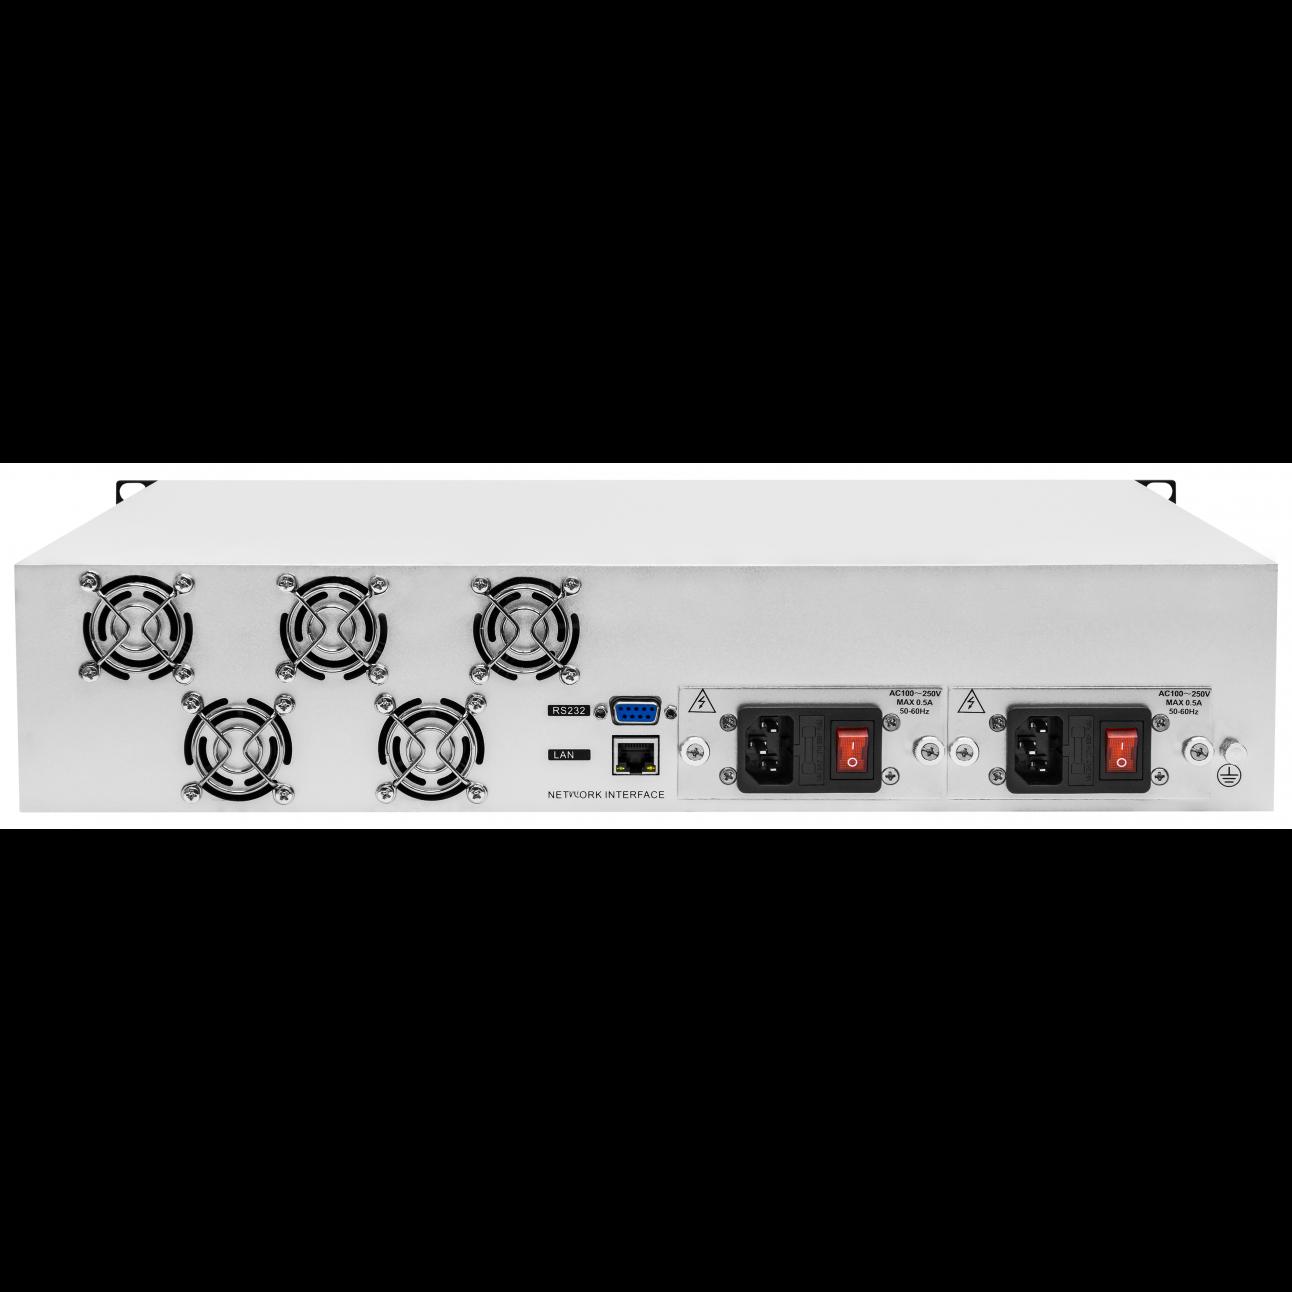 Оптический усилитель VERMAX для сетей КТВ, 2 входа, 32*20dBm выхода